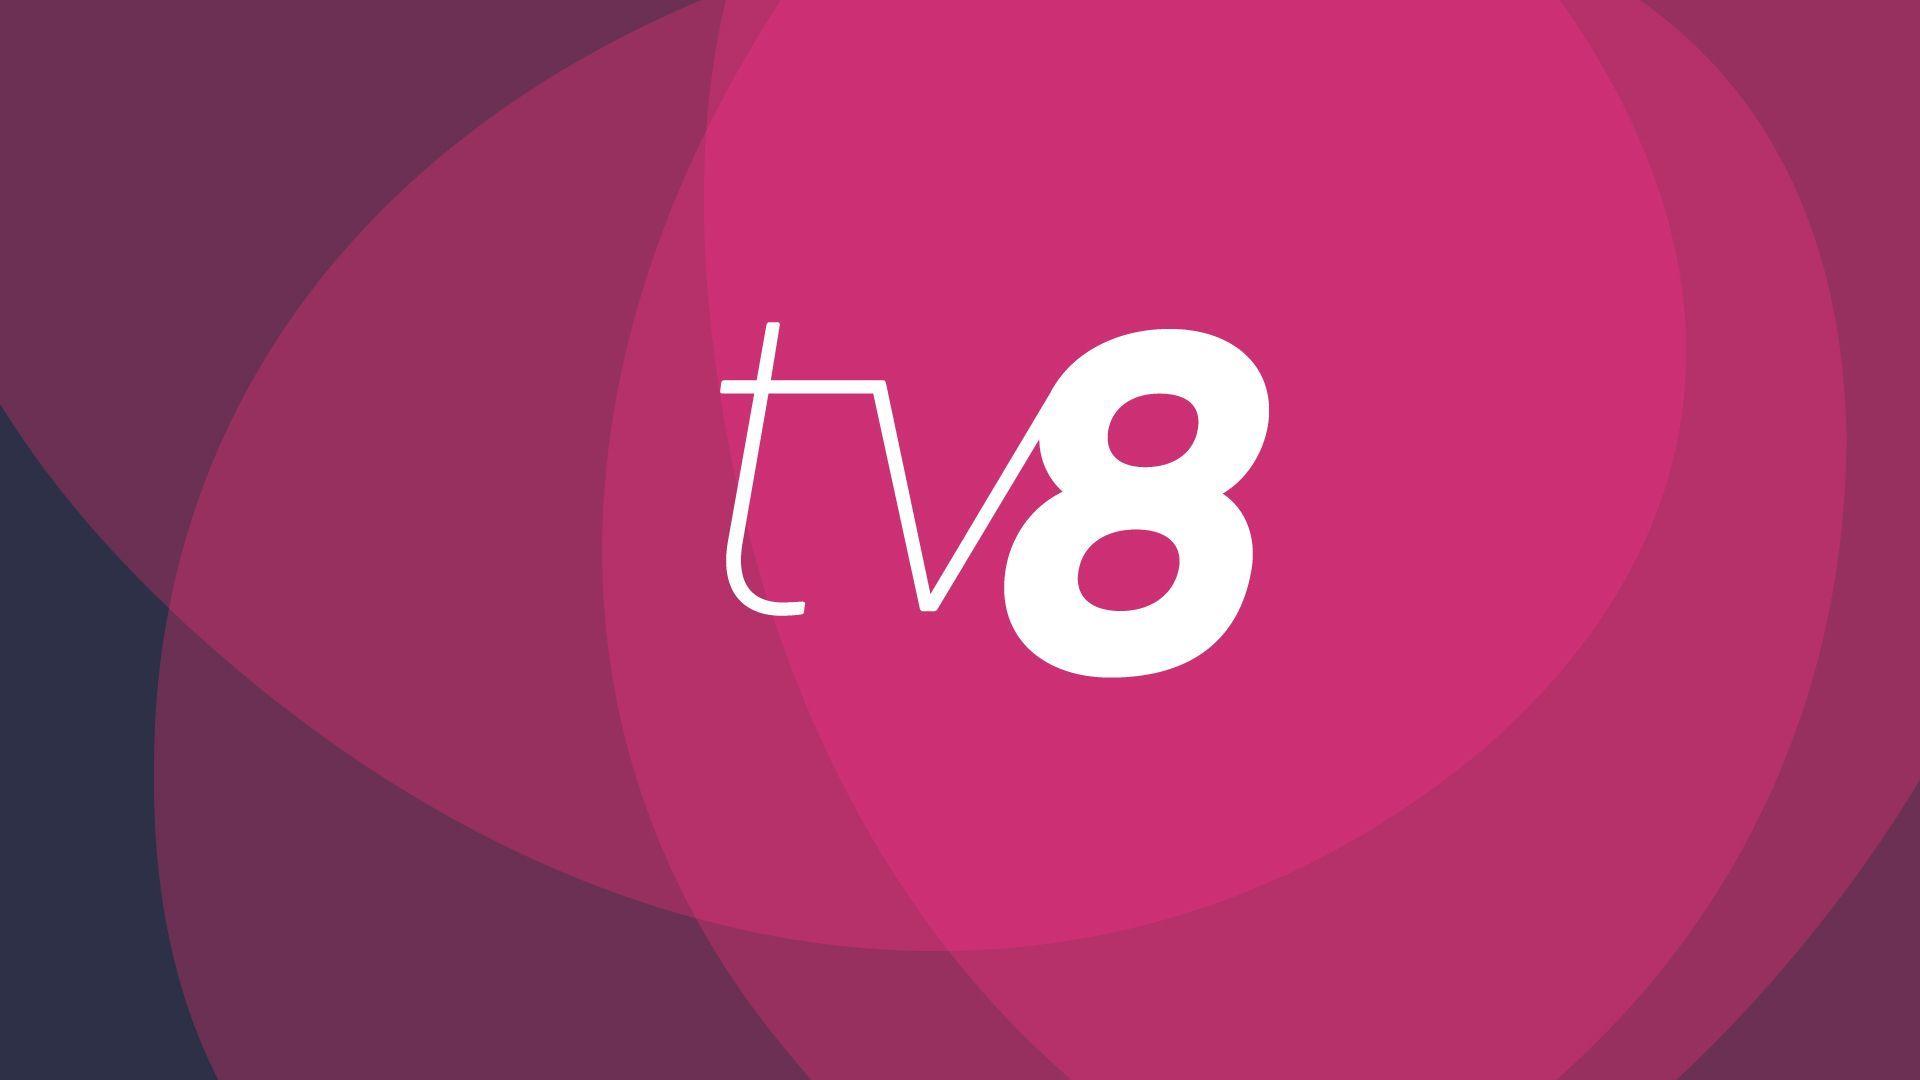 ONG-urile de media își exprimă îngrijorarea în legătură cu atacurile asupra echipei TV8